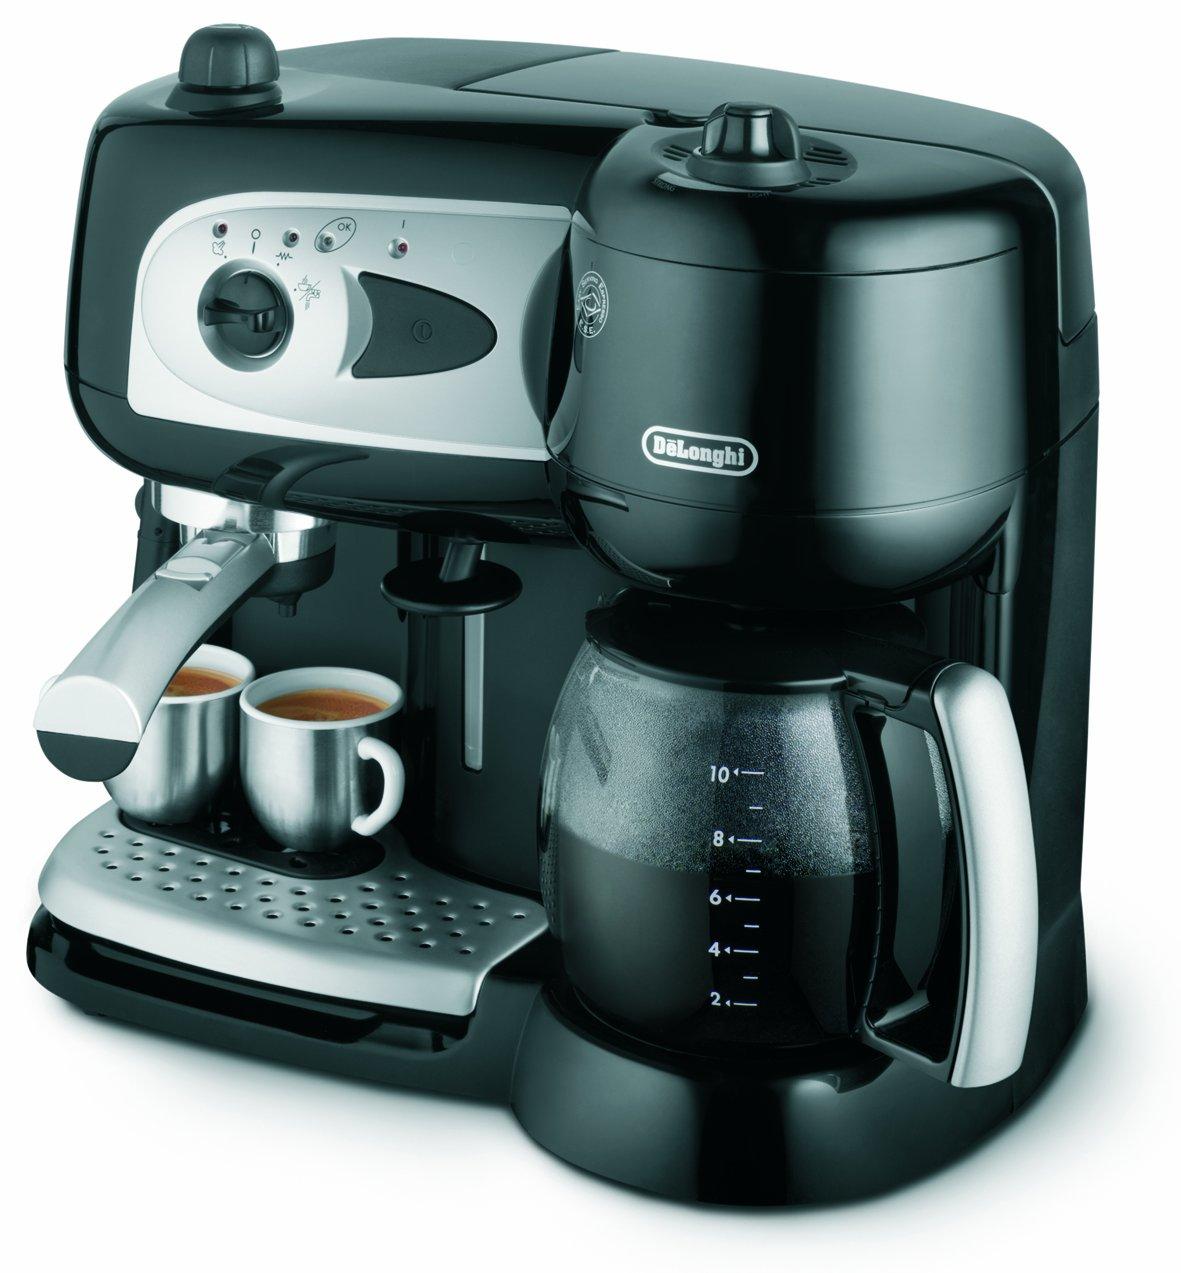 Delonghi Esam Fully Automatic Espresso Machine. Delonghi 10 Cup Coffee Cappuccino Maker Clean ...